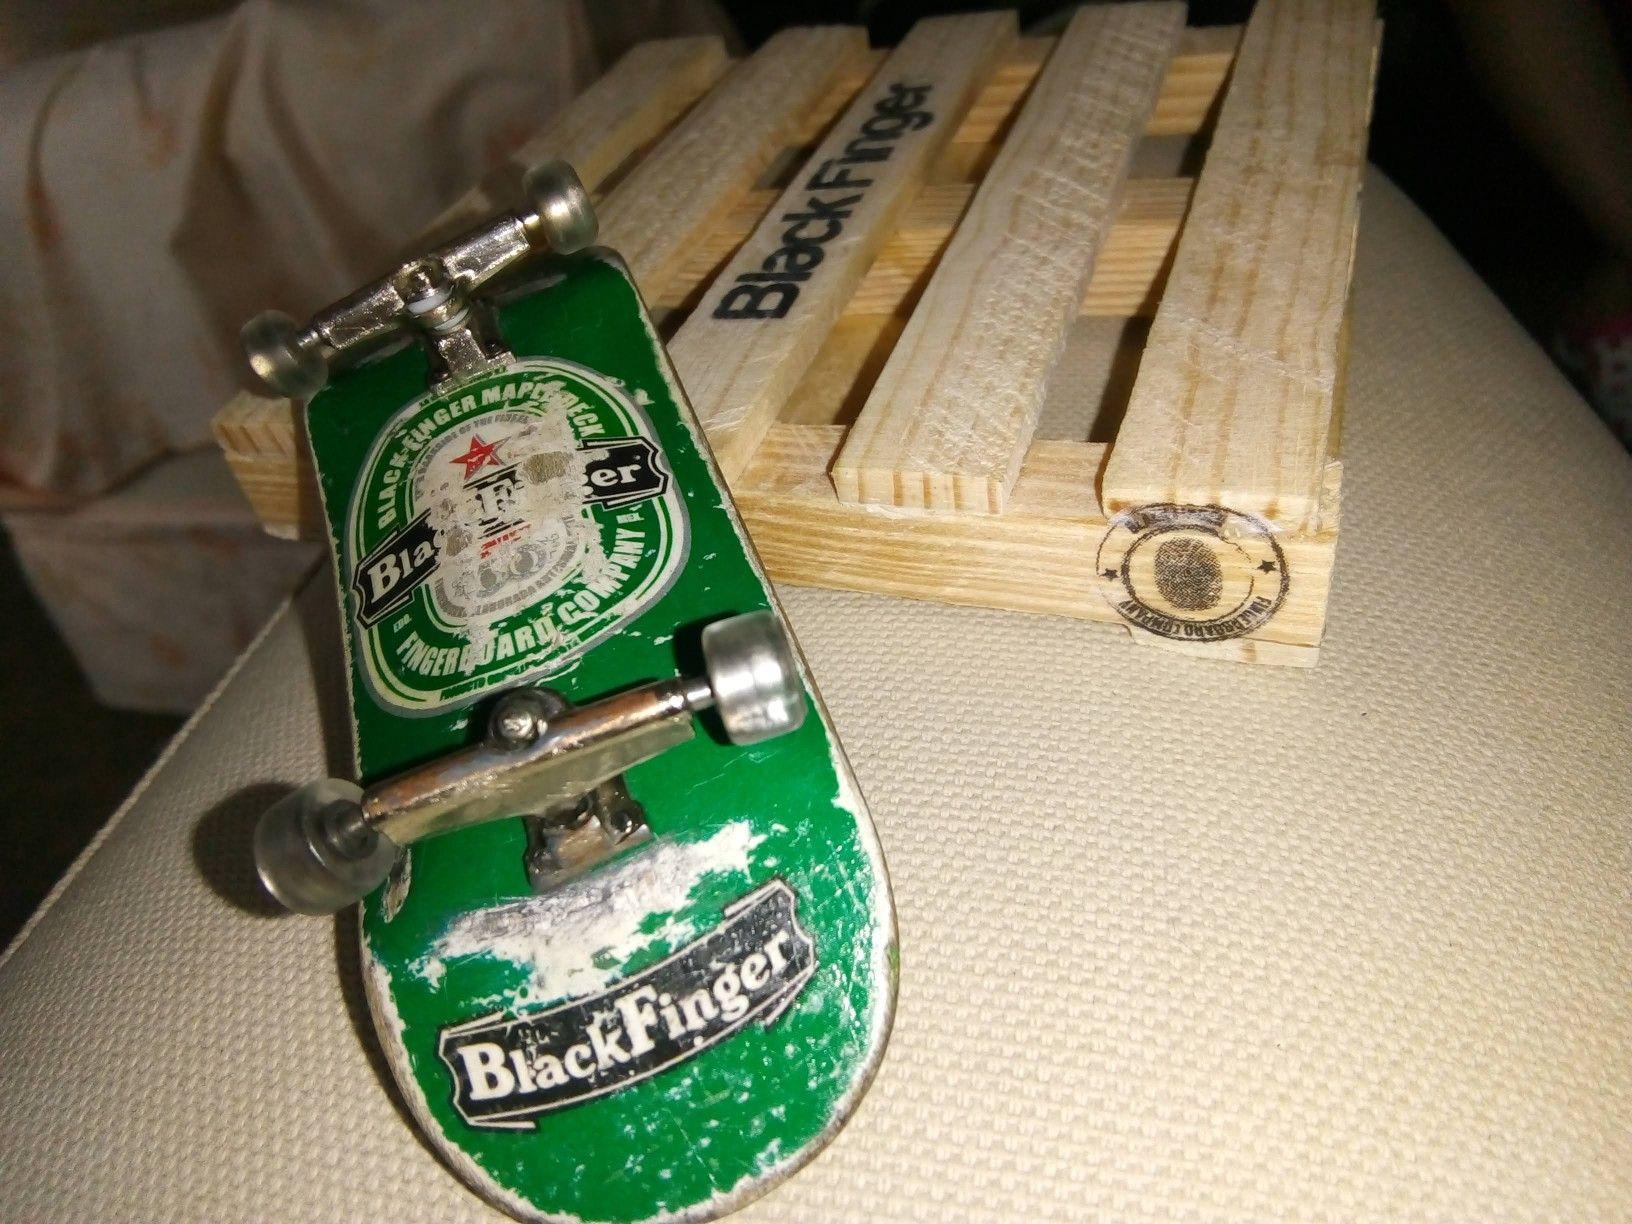 Black finger deck fingerboard 33x101mm una más de las